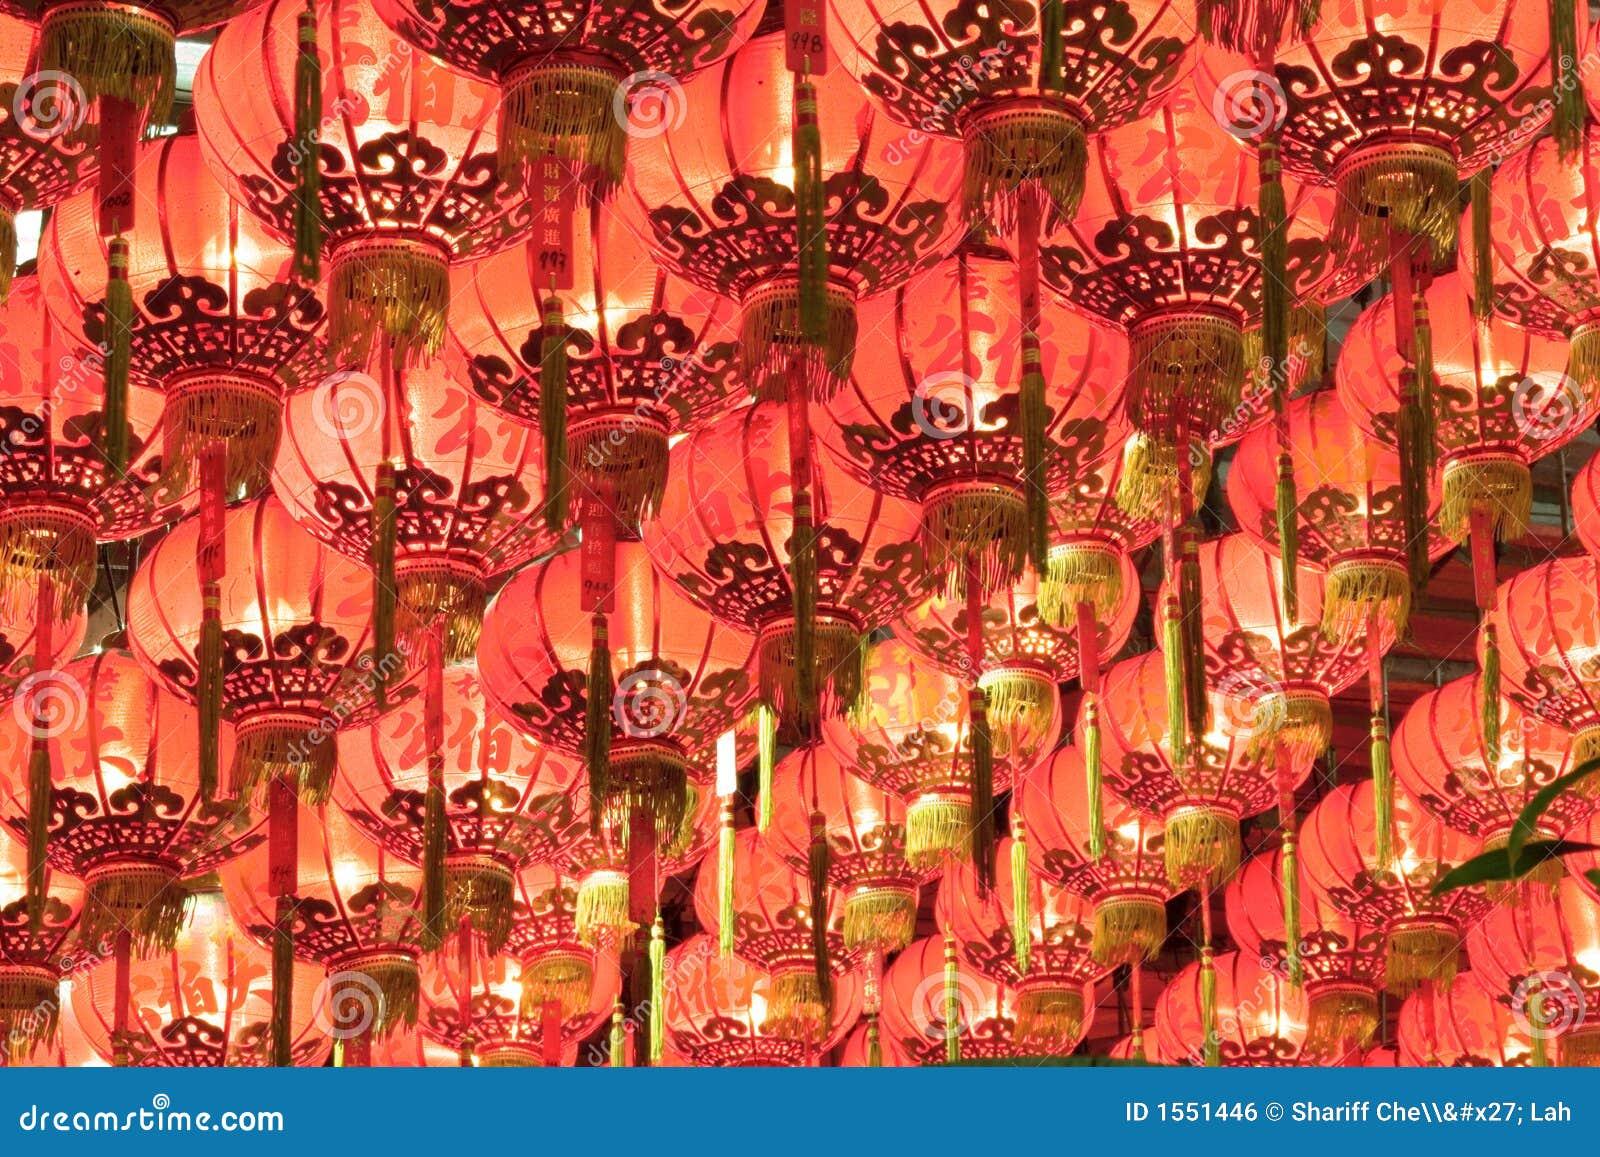 Rote Chinesische Laternen Lizenzfreies Stockbild - Bild: 1551446